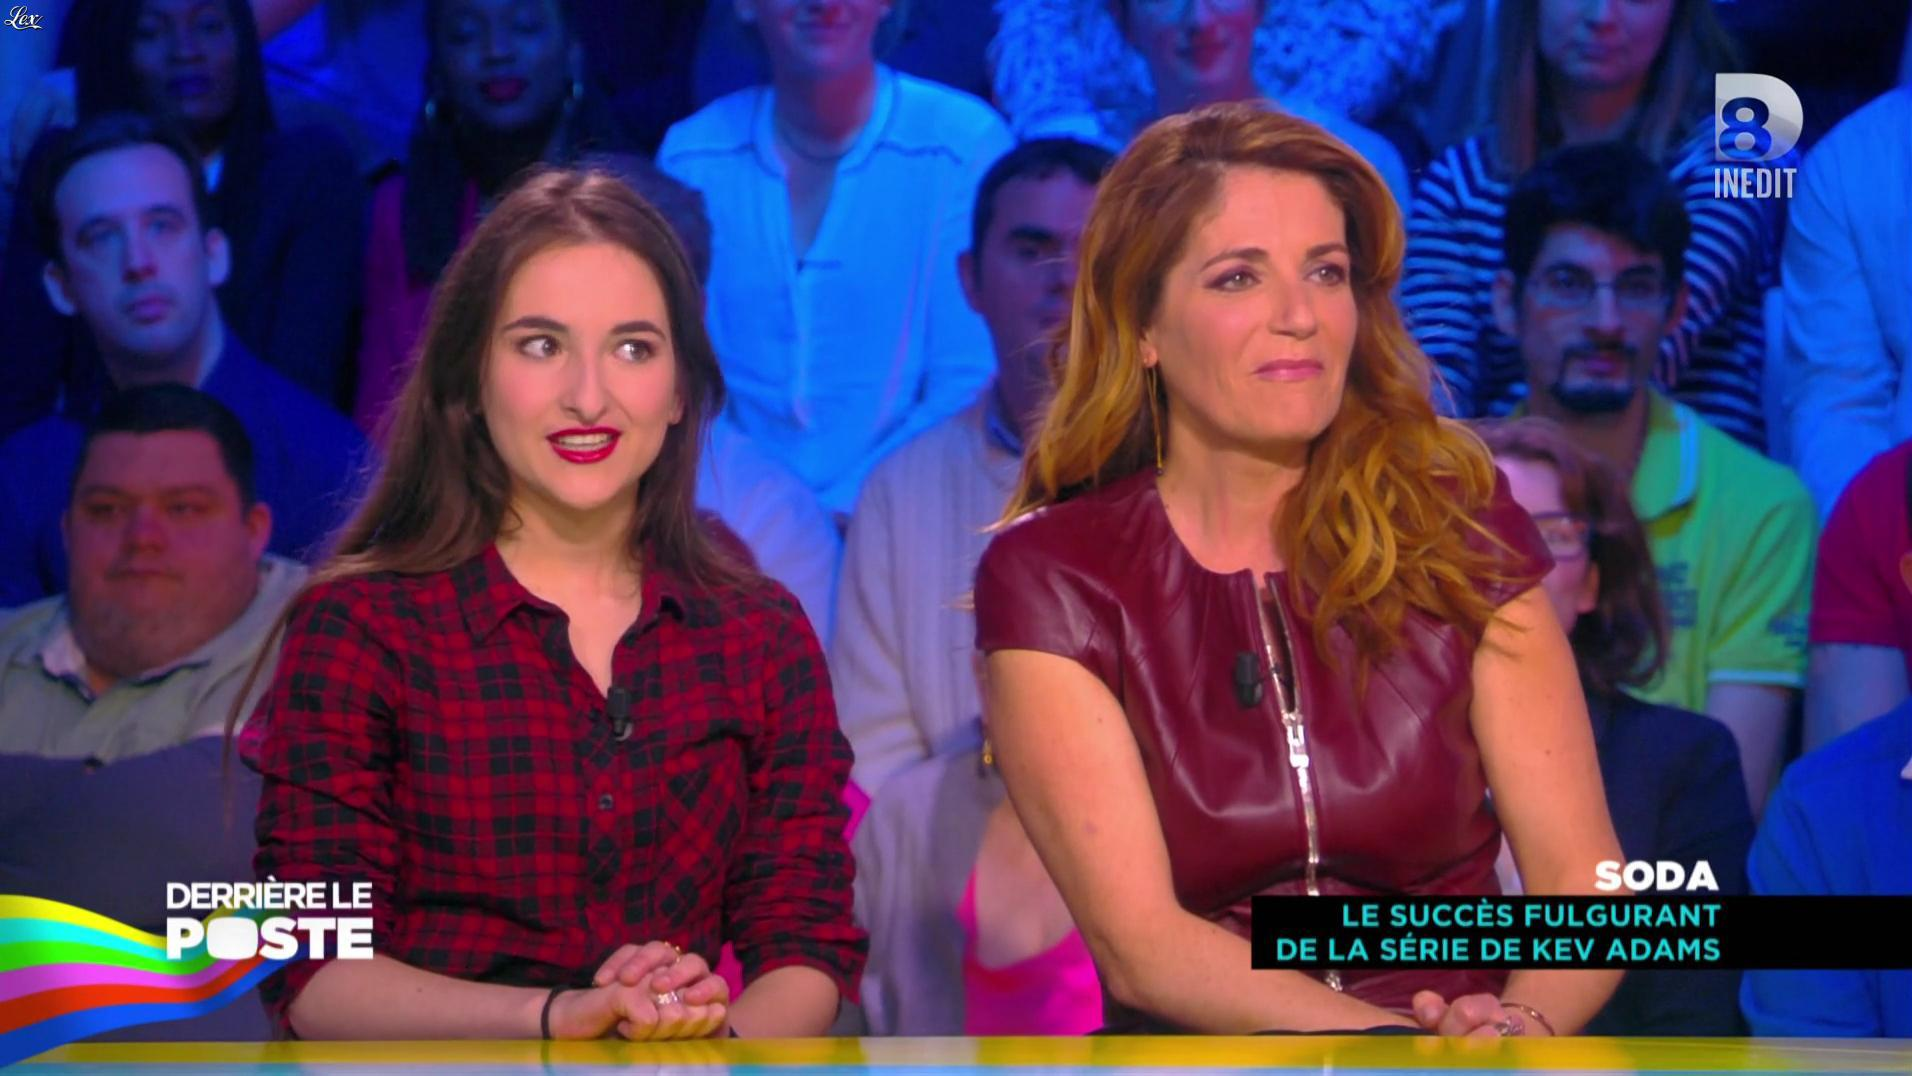 Laurence Oltuski dans Derriere le Poste. Diffusé à la télévision le 28/04/16.